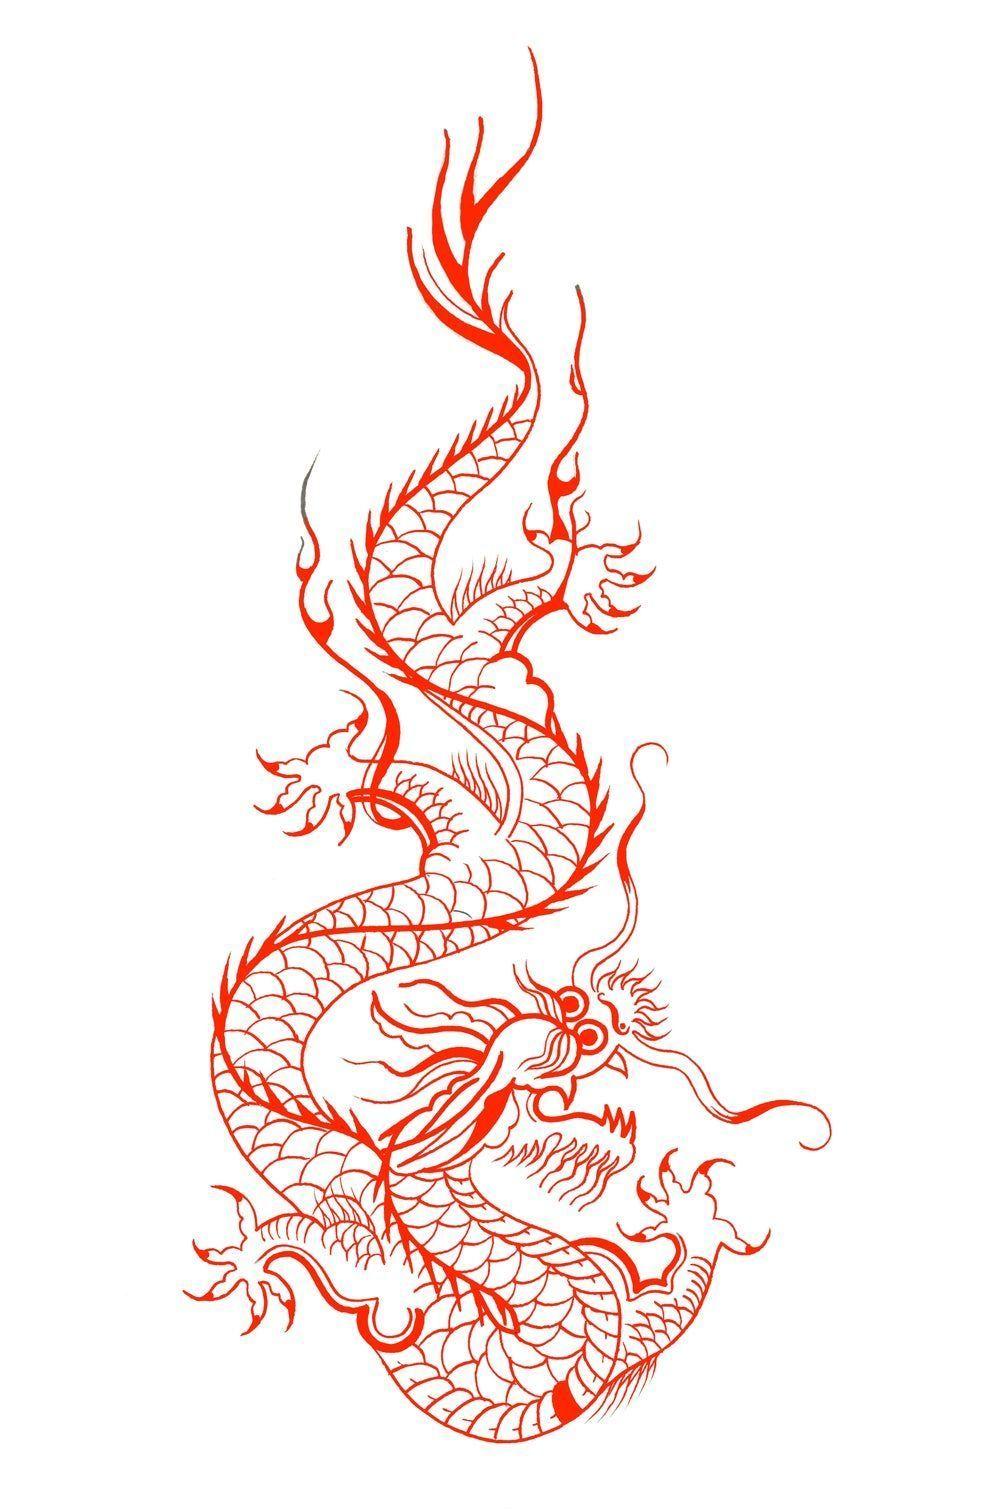 Arrowtattoo Chinesedragontattoo Targaryentattoo Arrowtattoo Chinesedragontattoo Targar In 2020 Red Dragon Tattoo Small Dragon Tattoos Dragon Print